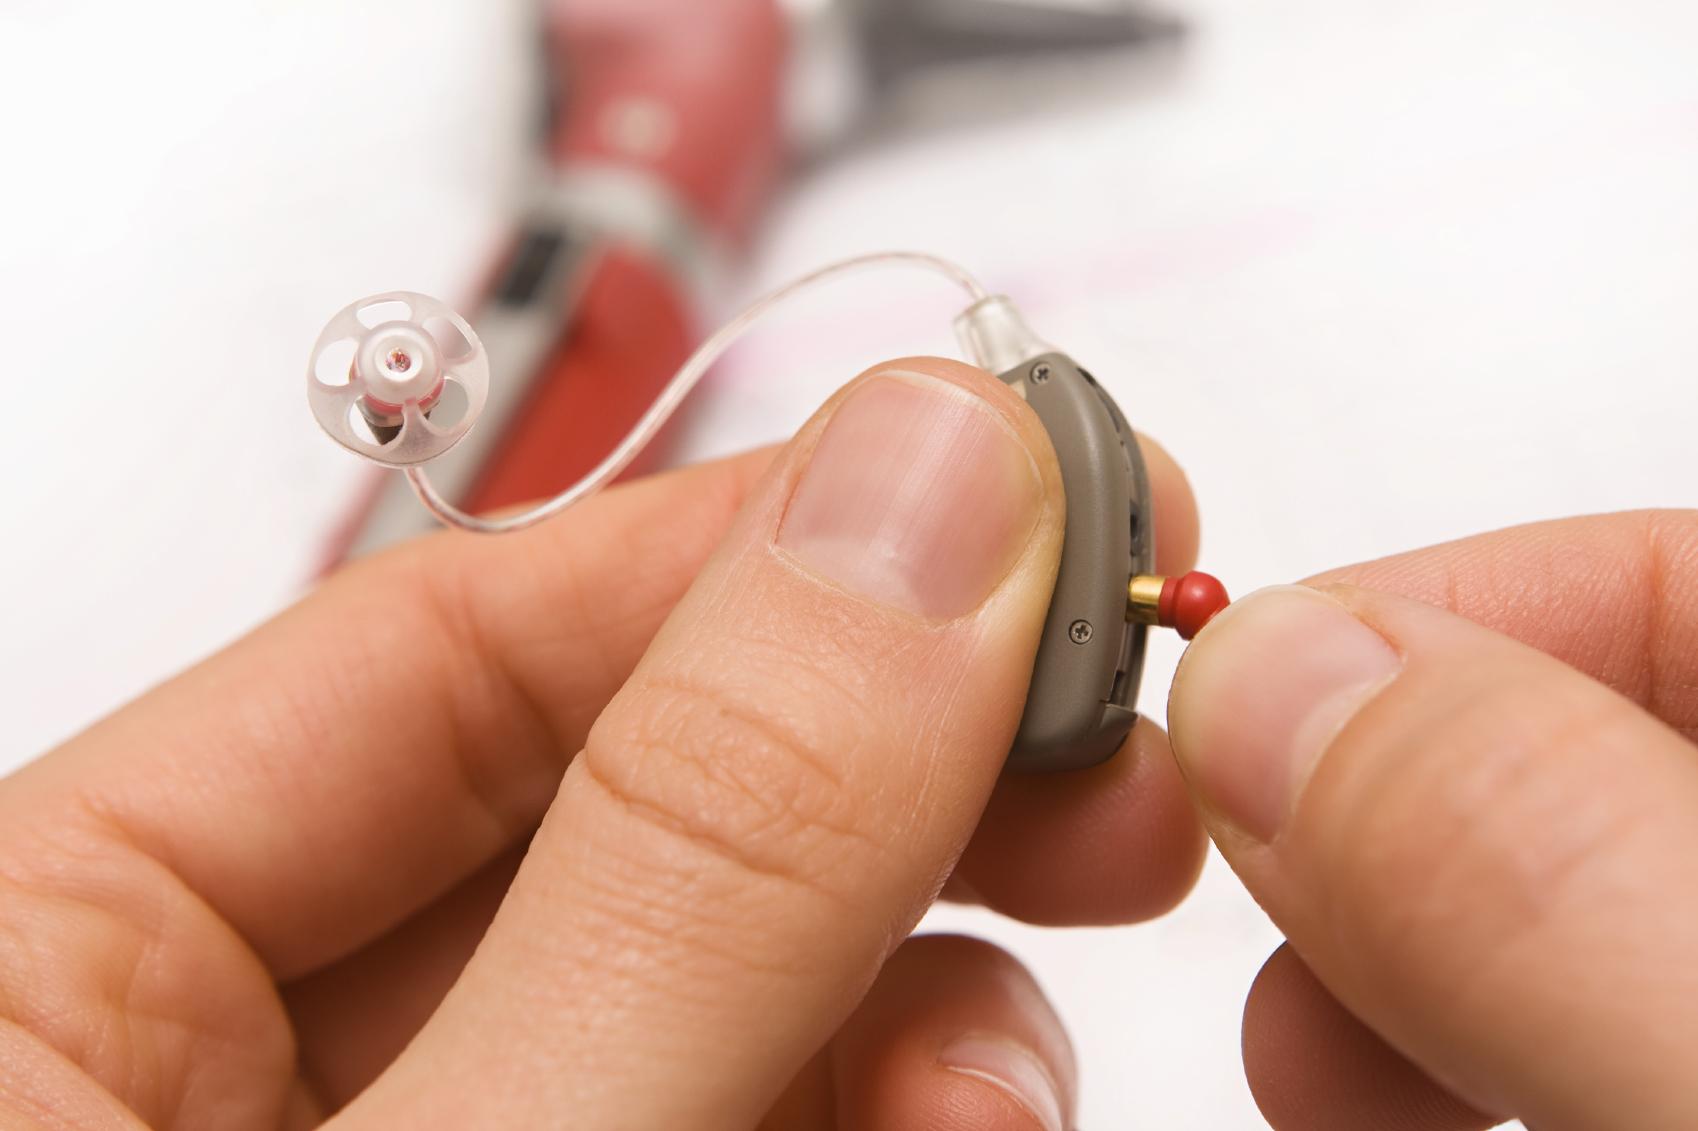 Remboursement des appareils auditifs: Un saut dans l'inconnu